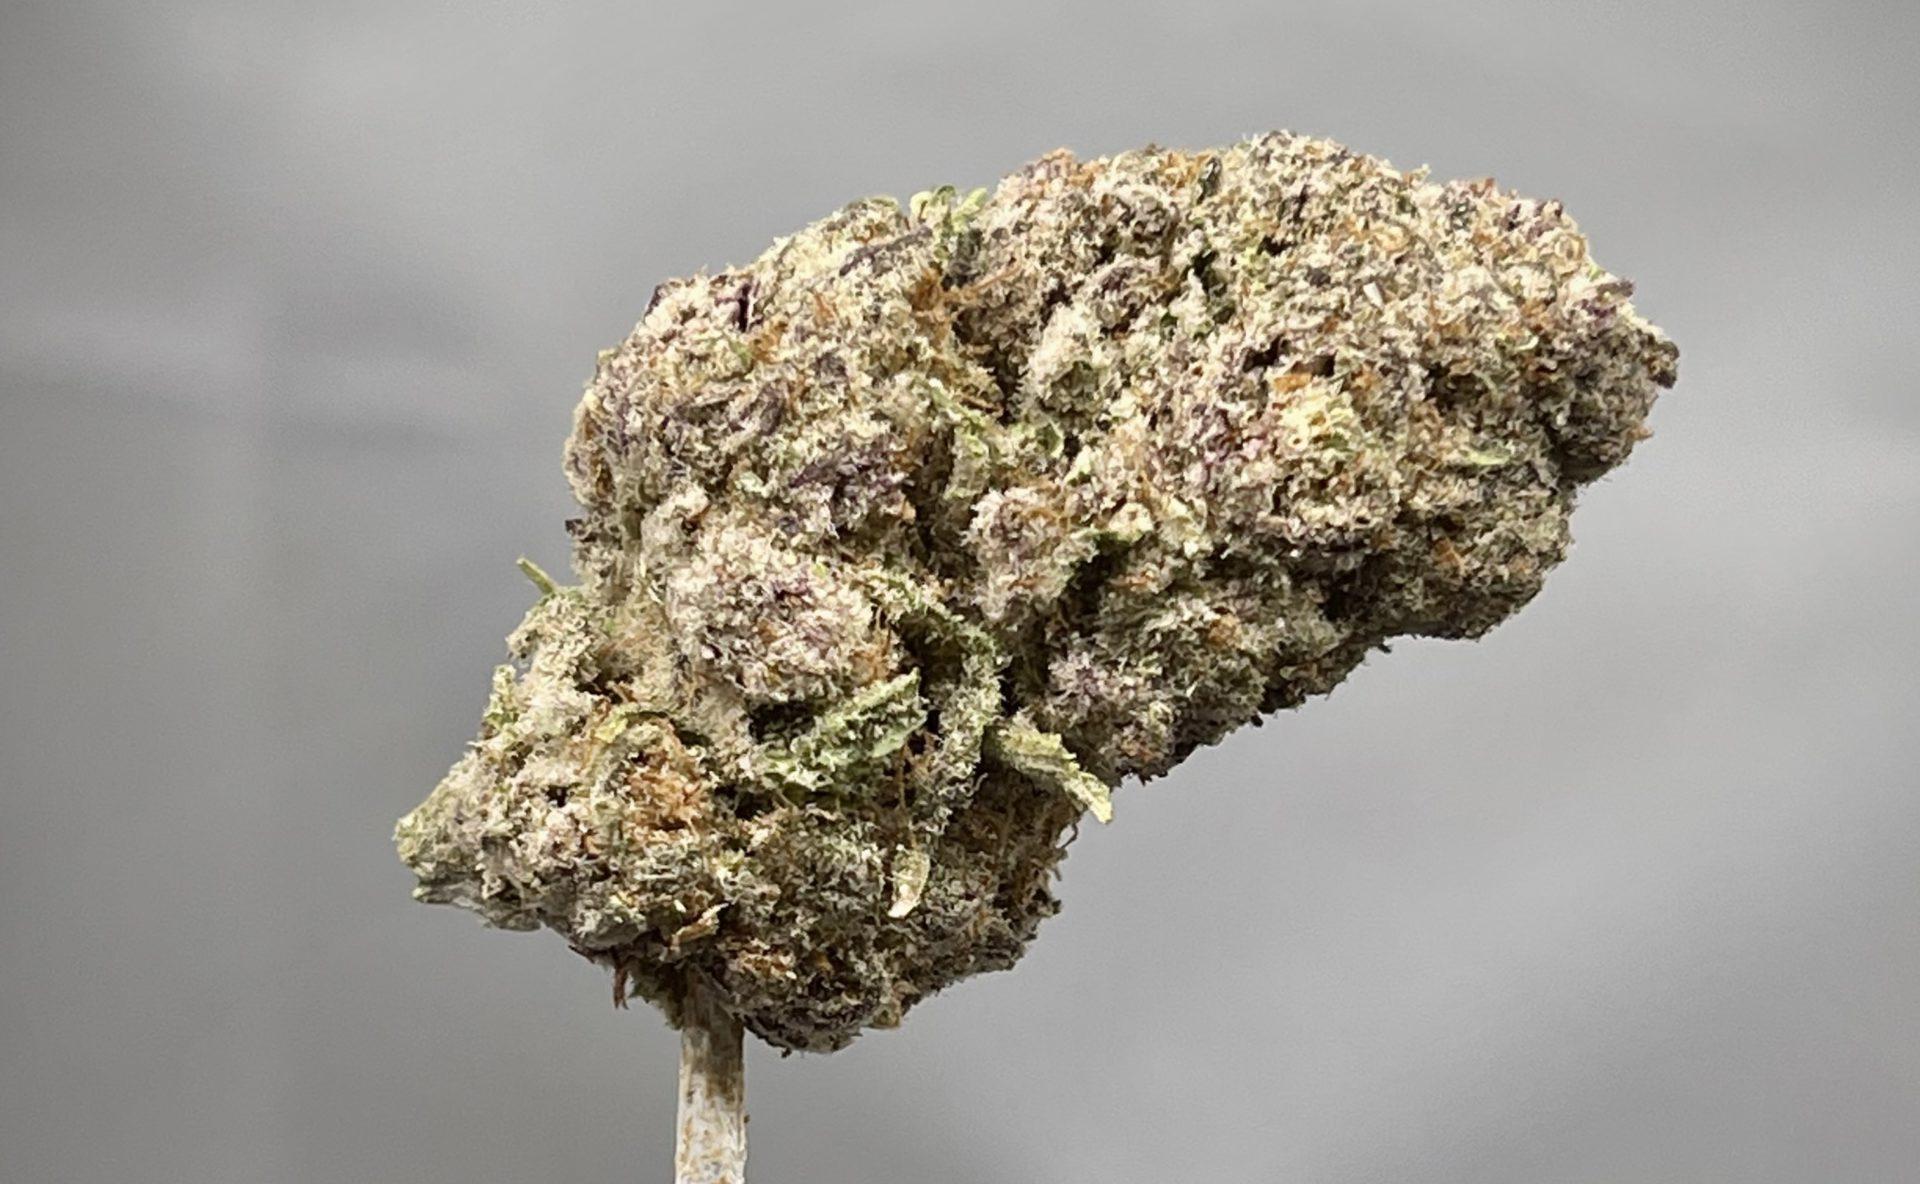 purplepunchmids